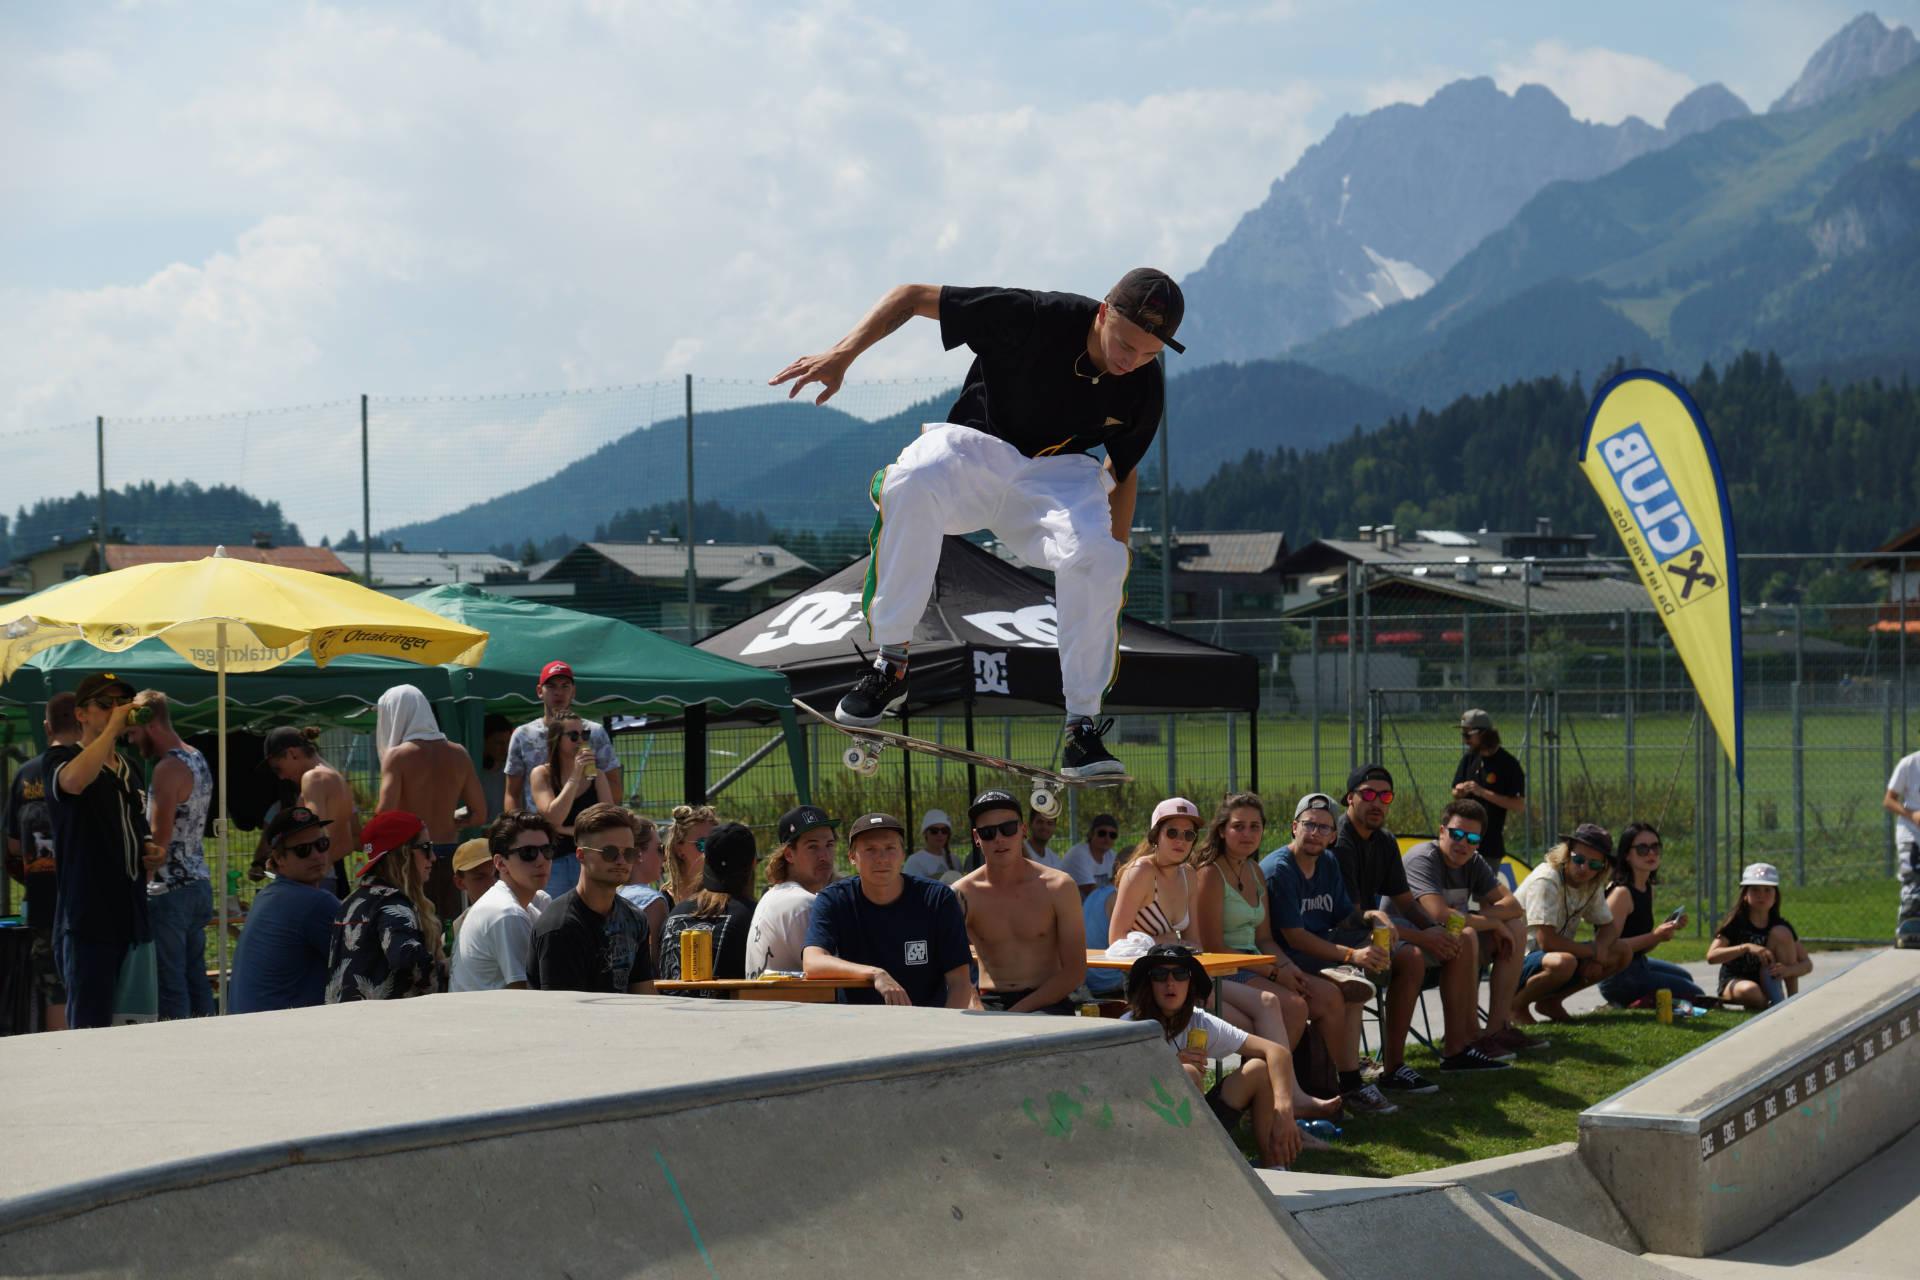 skateboardheadz st johann in tirol kgt 2019 finale 00031